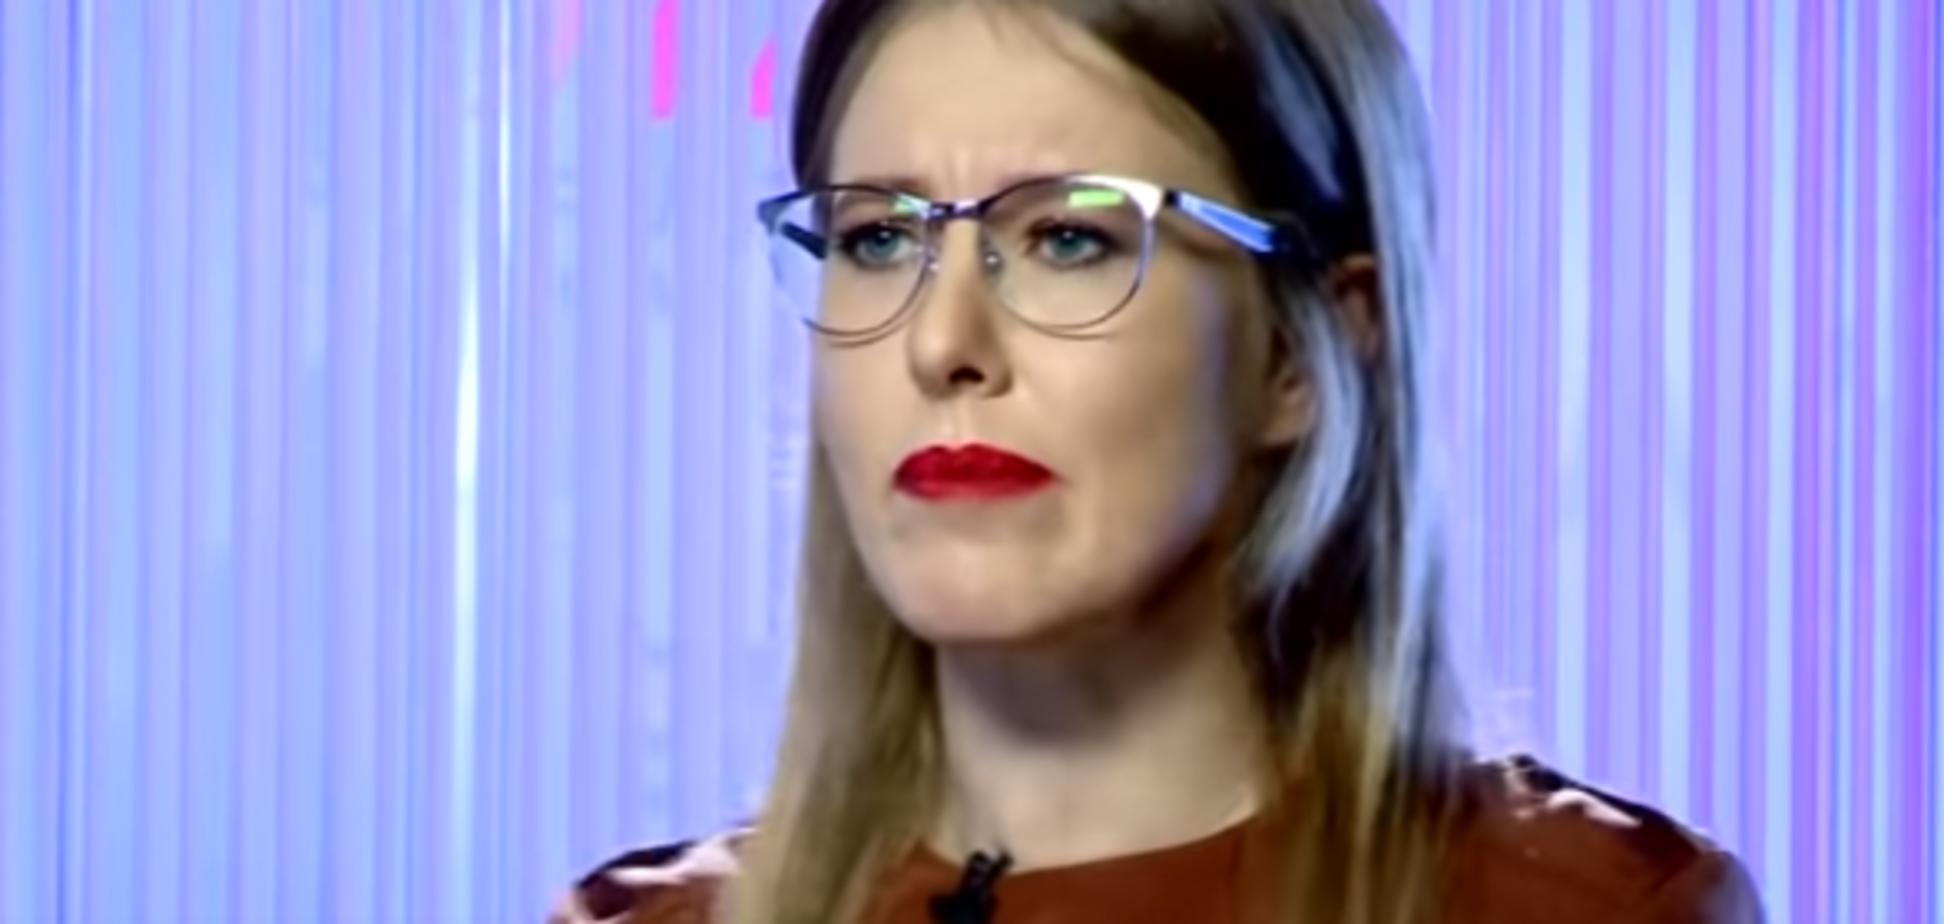 8 тисяч жертв: Собчак нагадала Прилєпіну, хто винен у війні на Донбасі